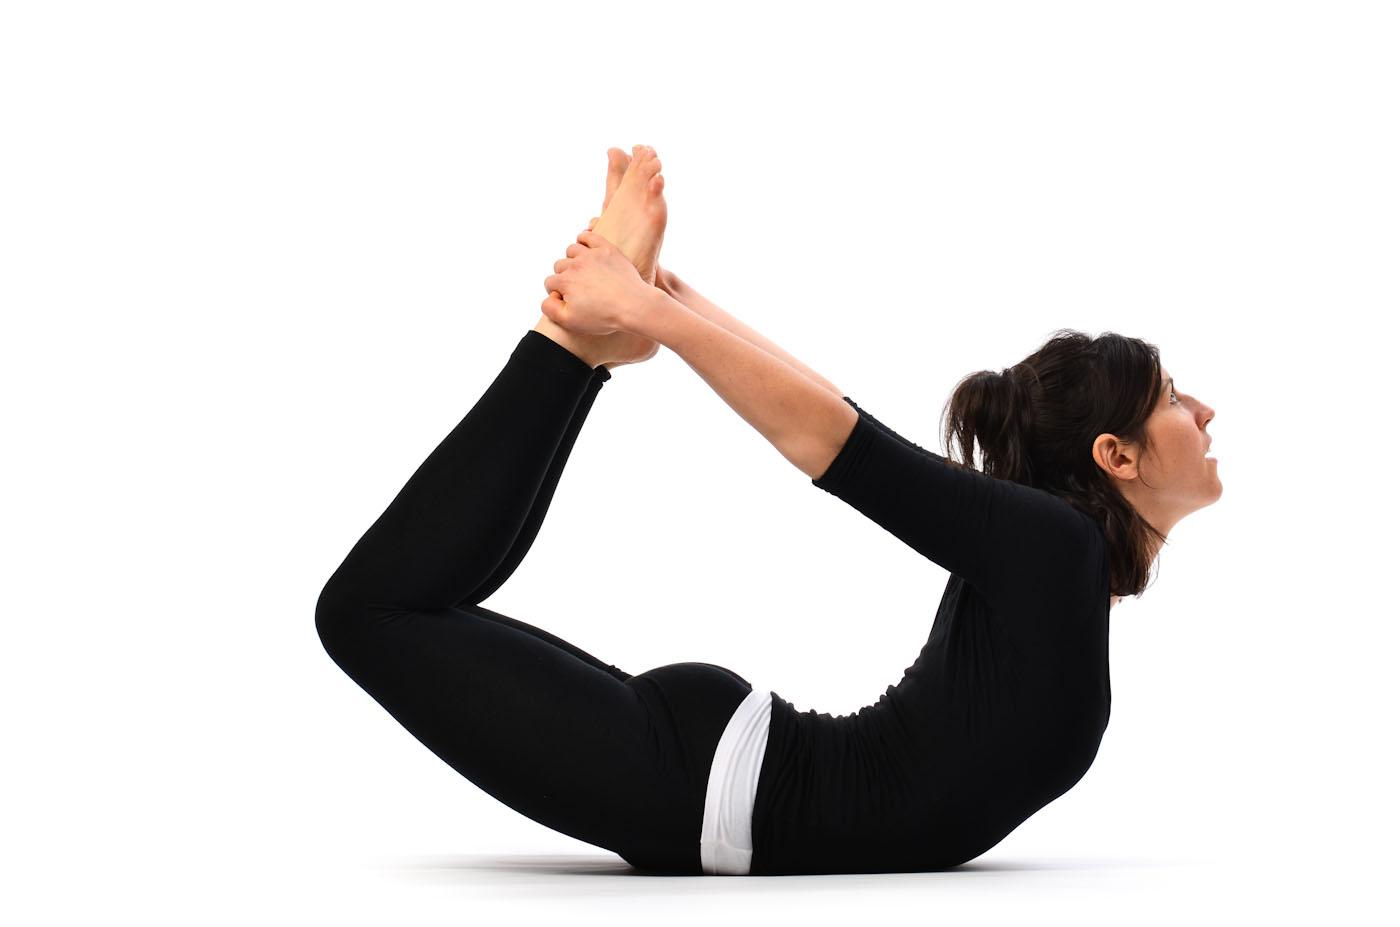 gerakan yoga untuk mengecilkan perut - yoga Dhanurasana